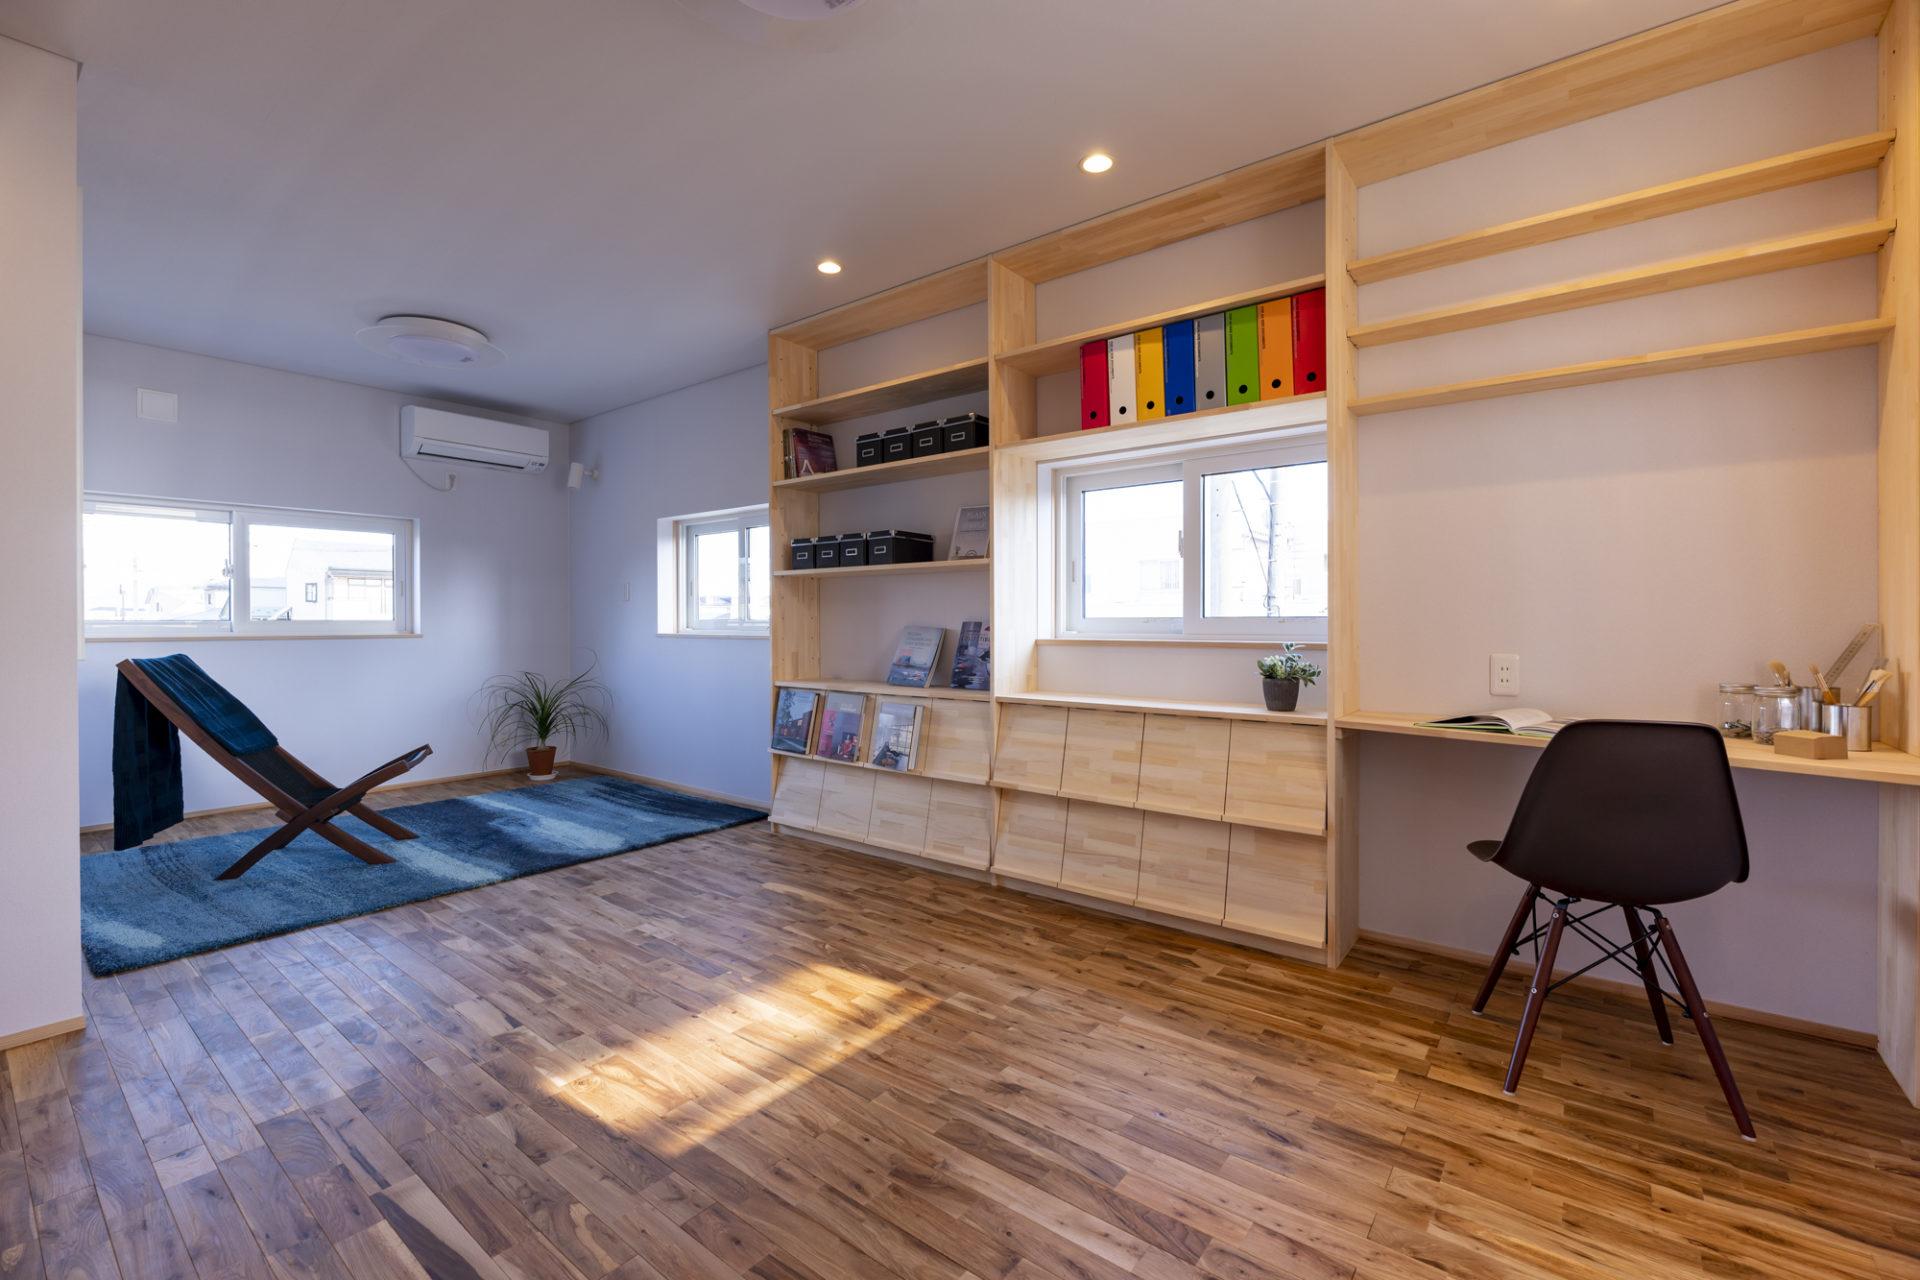 無駄のないシンプルな配置で別荘のような空間を作る